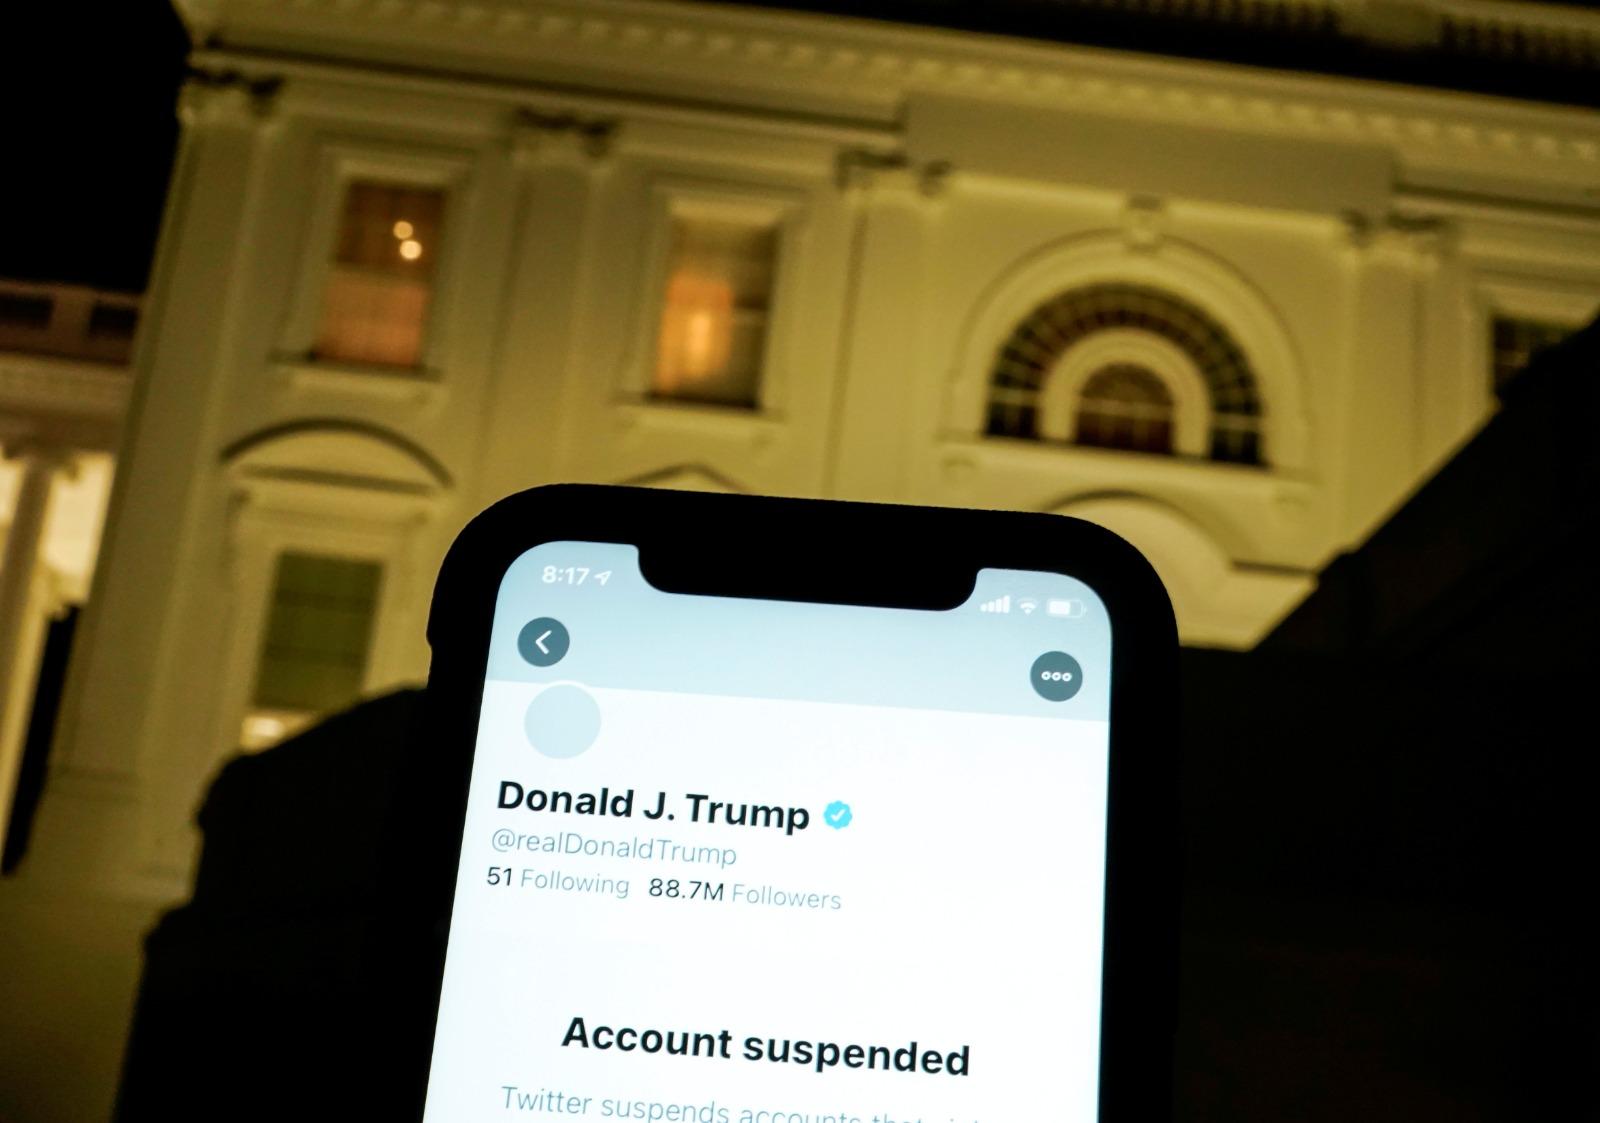 בחסות החקיקה בפלורידה: טראמפ דורש את הטוויטר שלו מיד